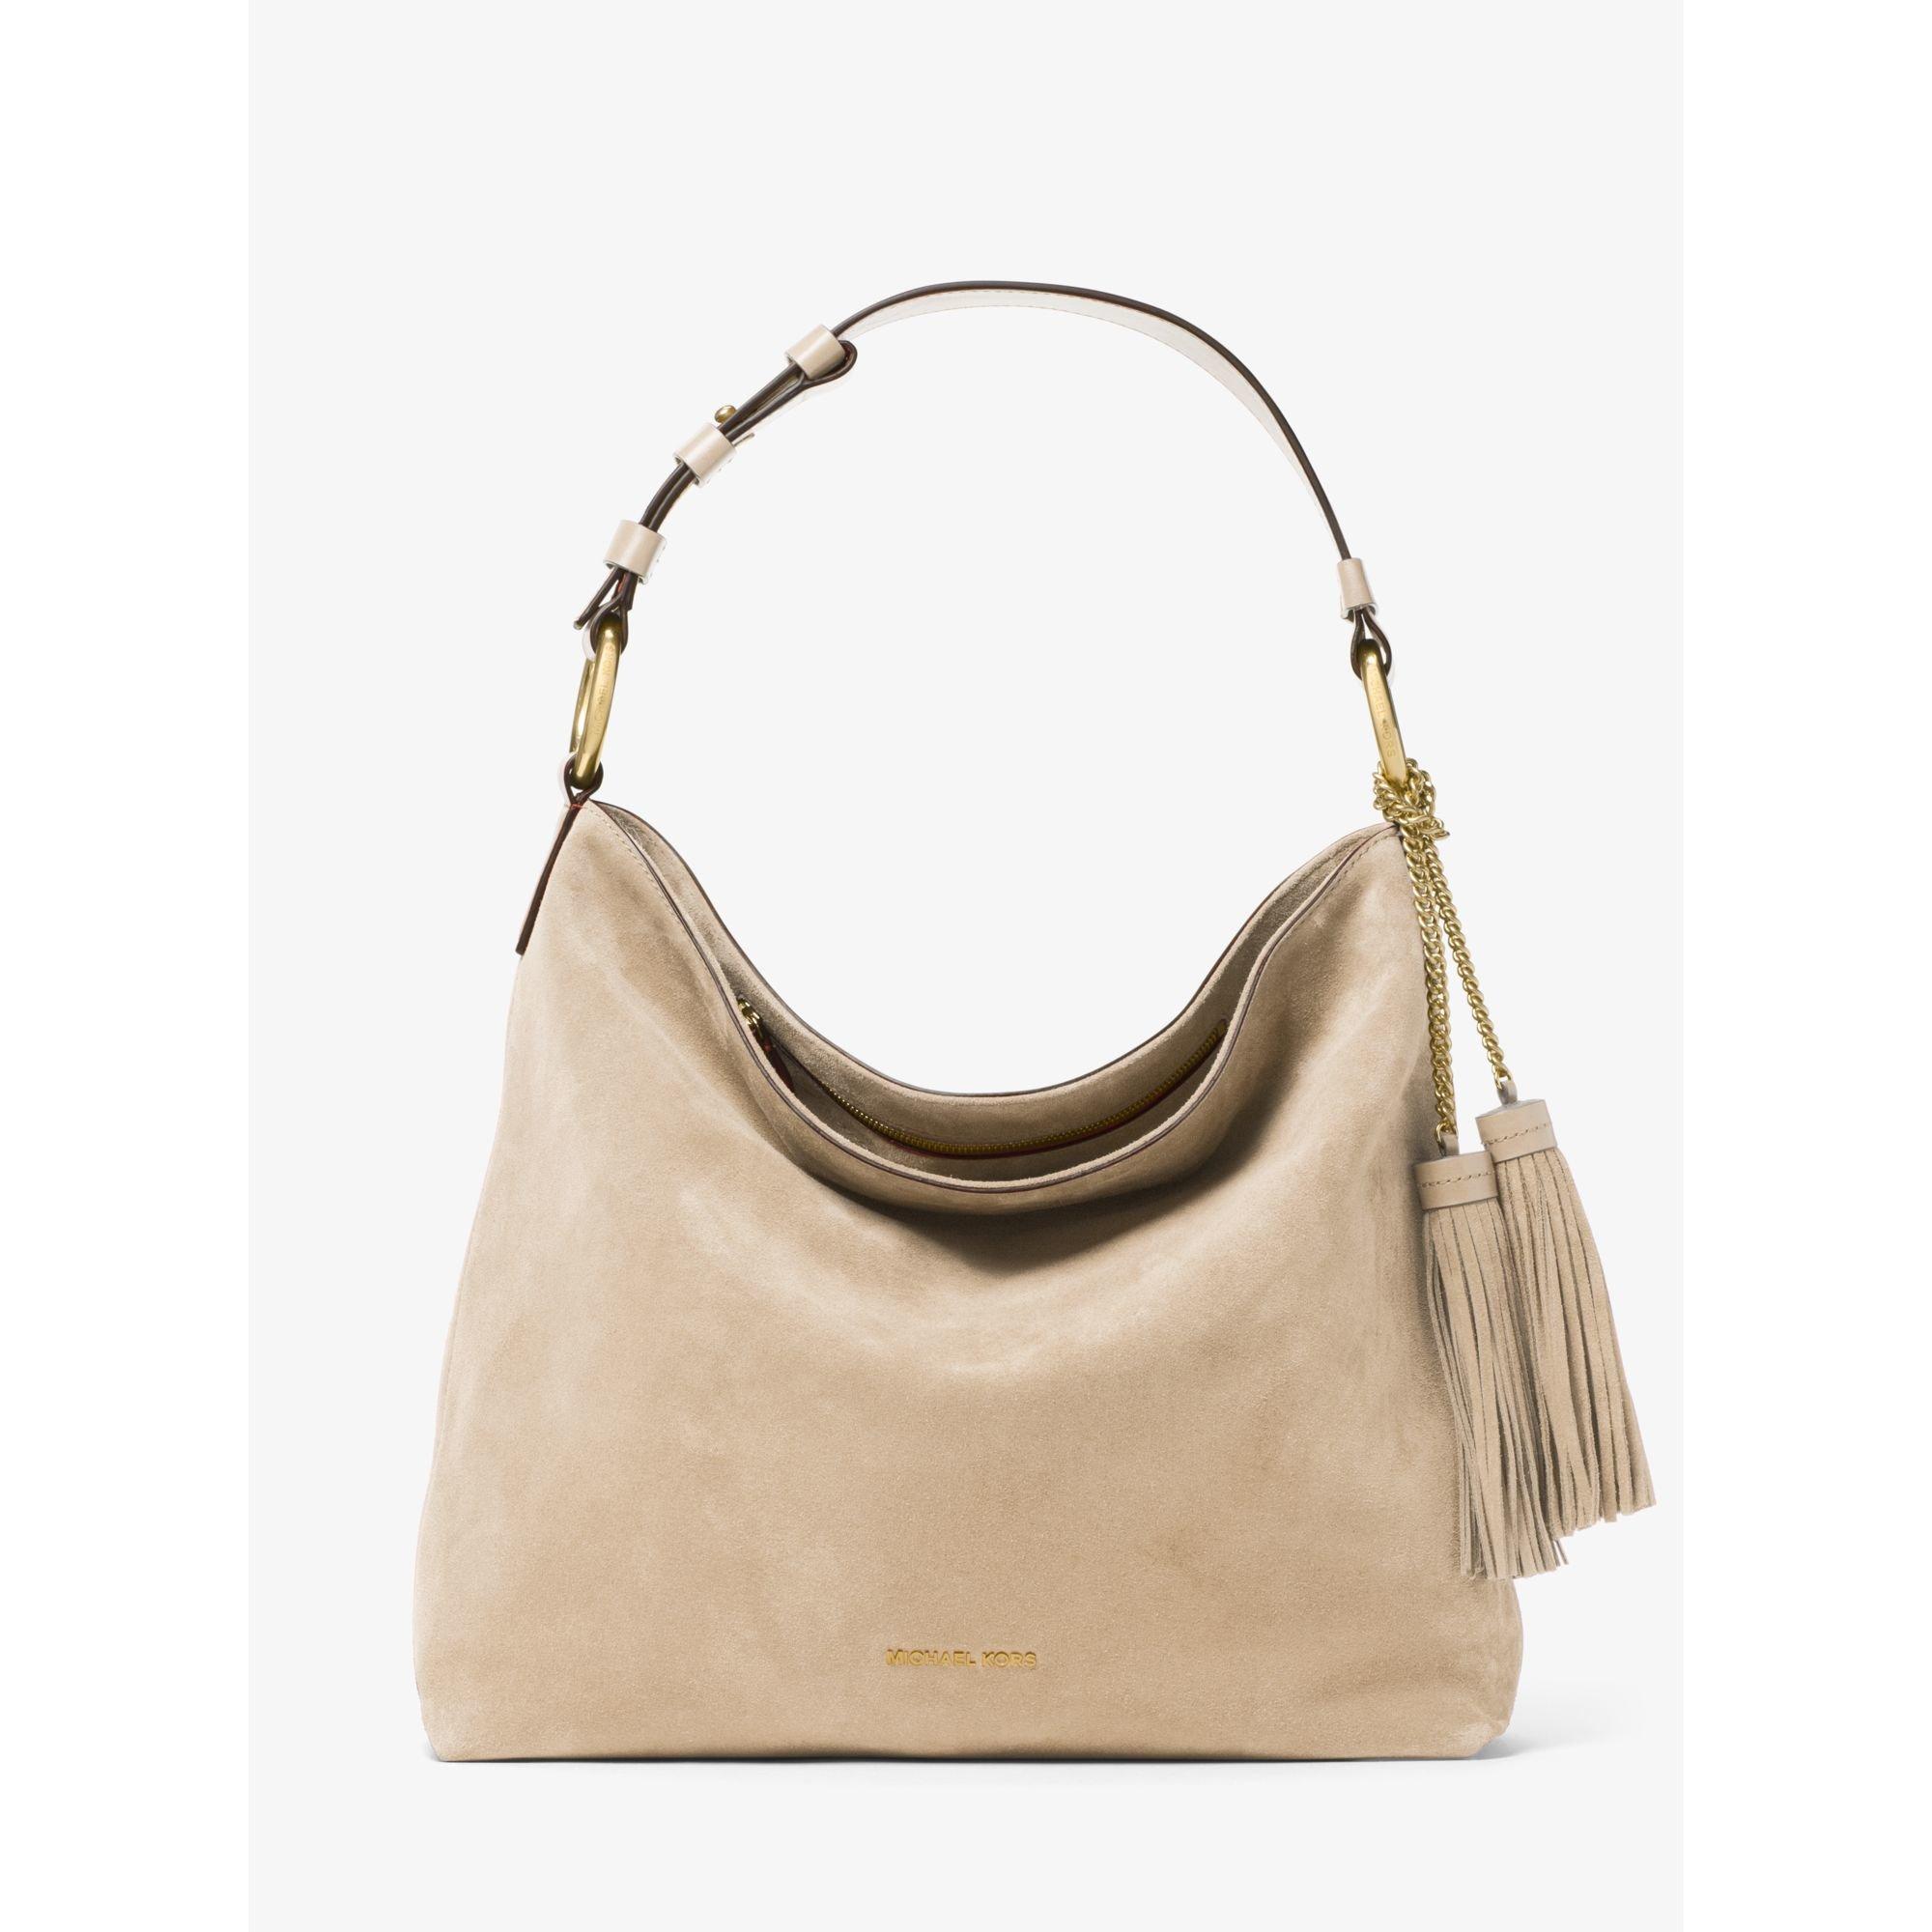 a512f4c475 Lyst - Michael Kors Elyse Large Suede Shoulder Bag in Natural